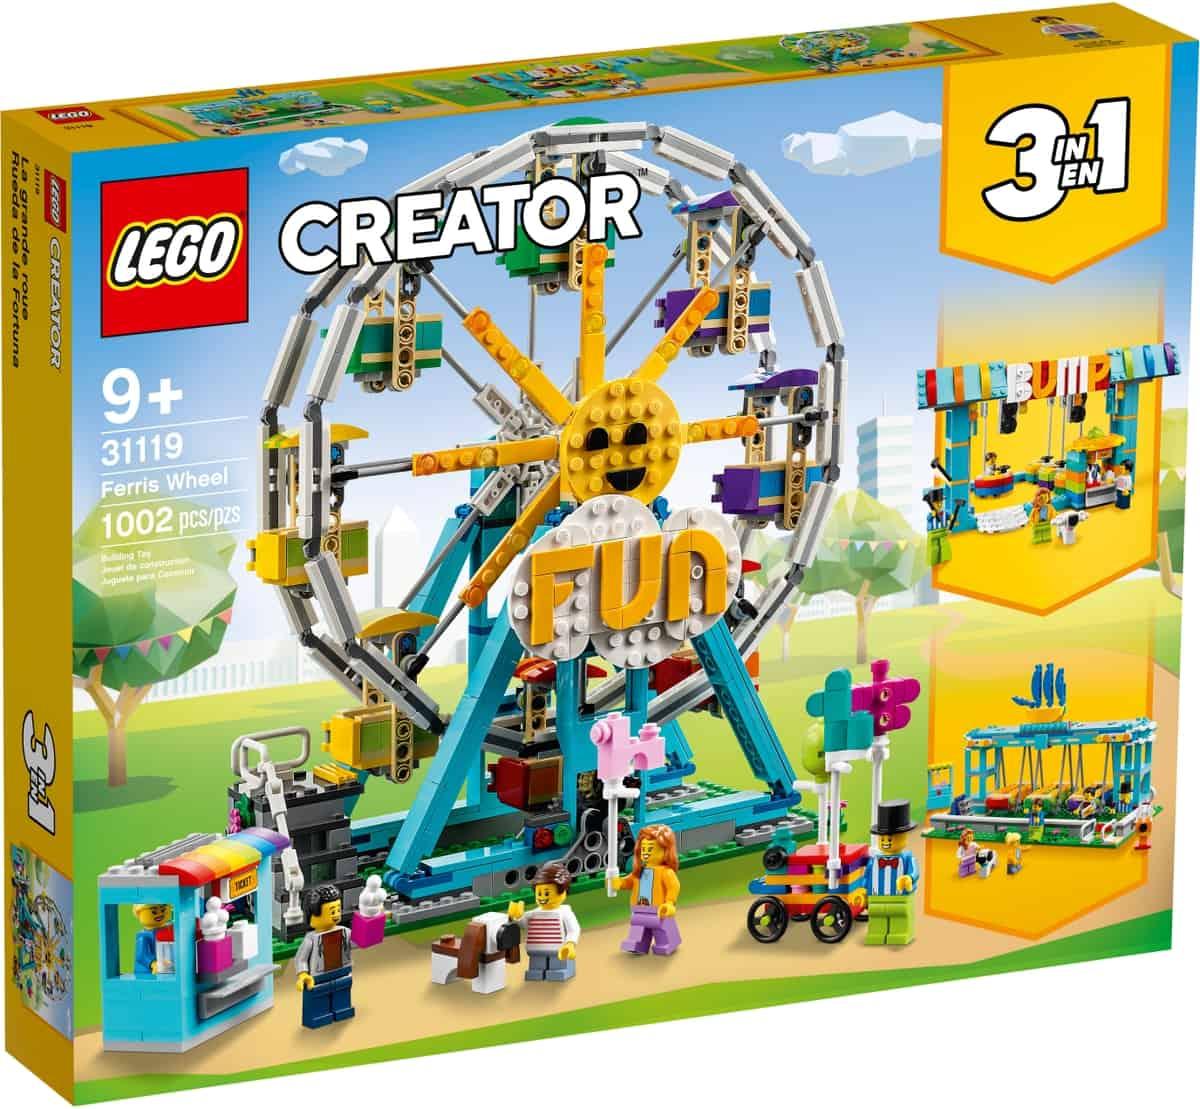 LEGO 31119 Ferris Wheel - 20210517